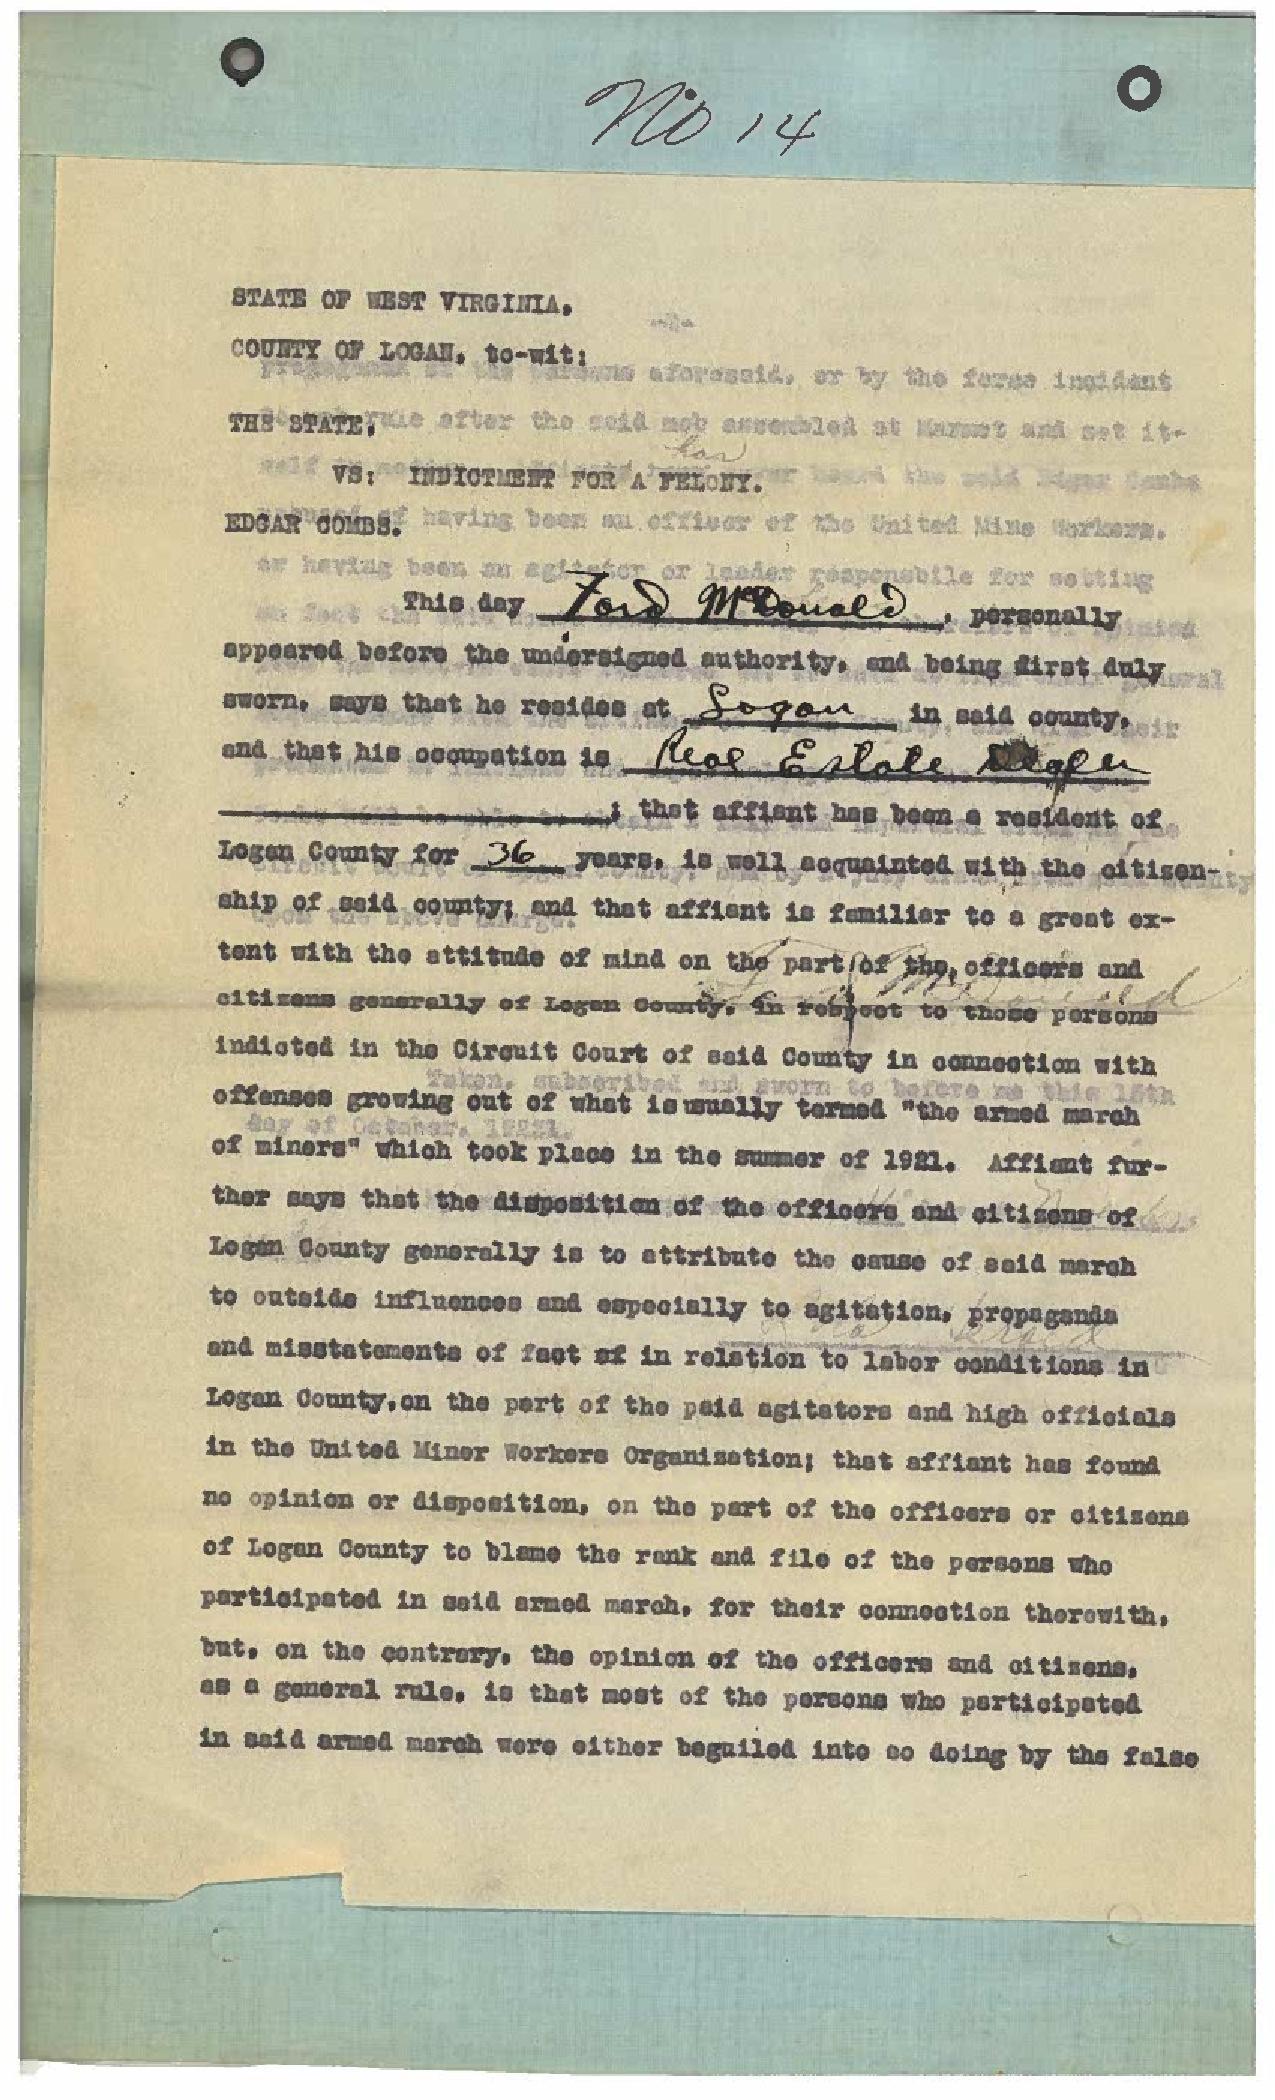 Document 14-1